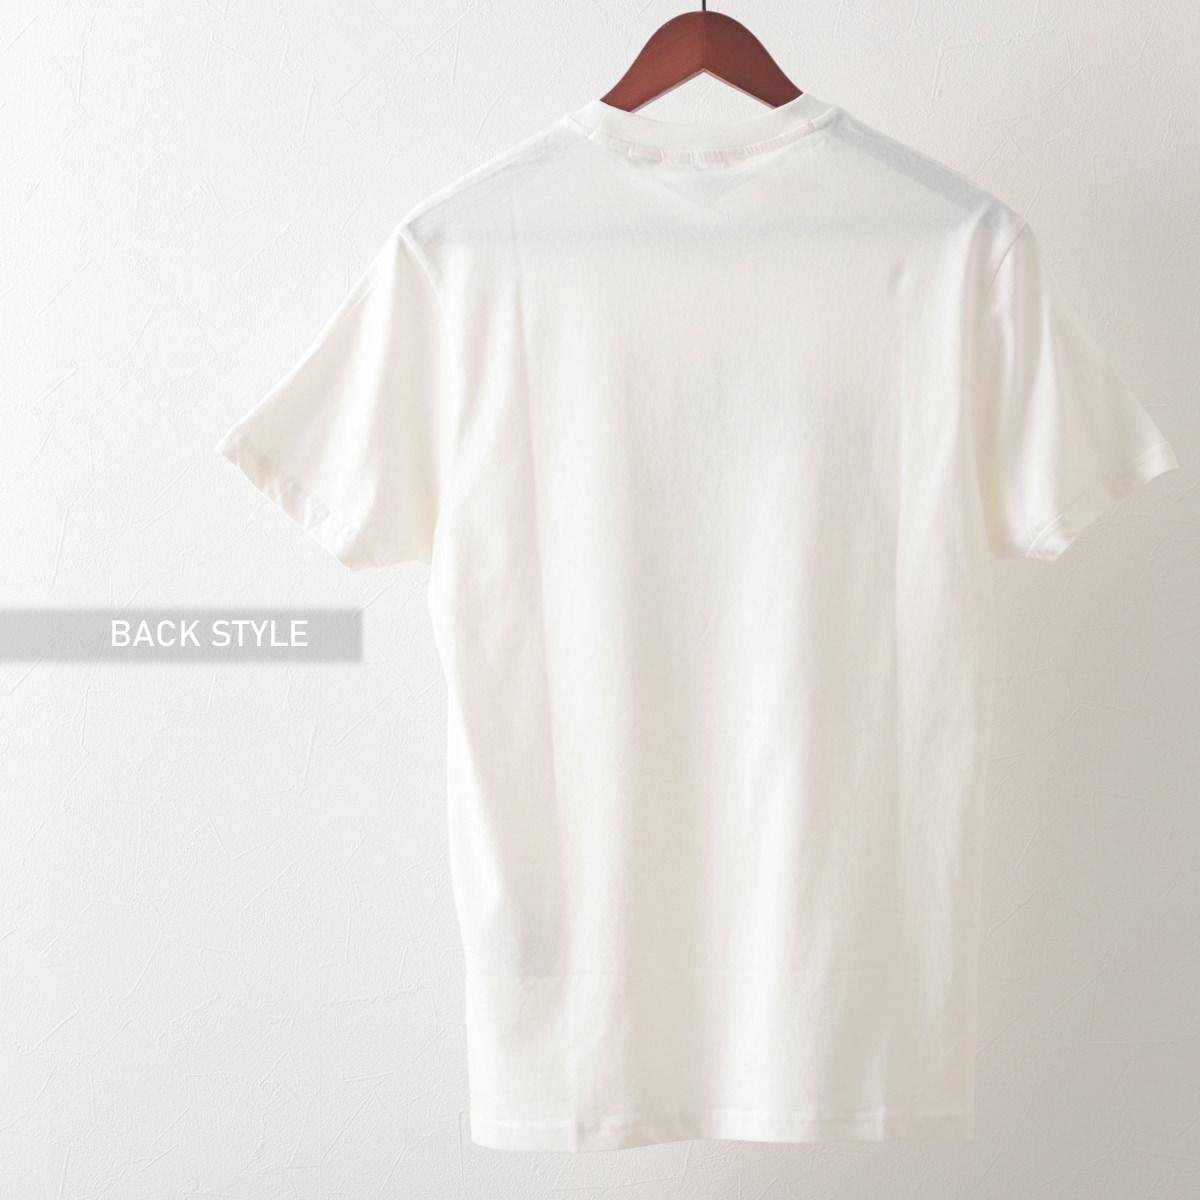 Tシャツ ブライトンフラッグプリント 2色 アイボリー マリン オーガニックコットン レギュラーフィット Ben Sherman ベンシャーマン